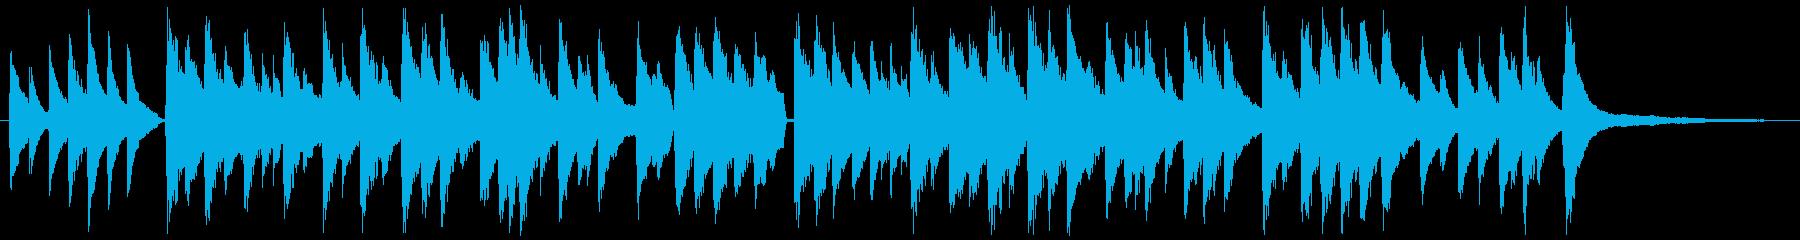 「たなばたさま」ピアノ伴奏/BGMにもの再生済みの波形